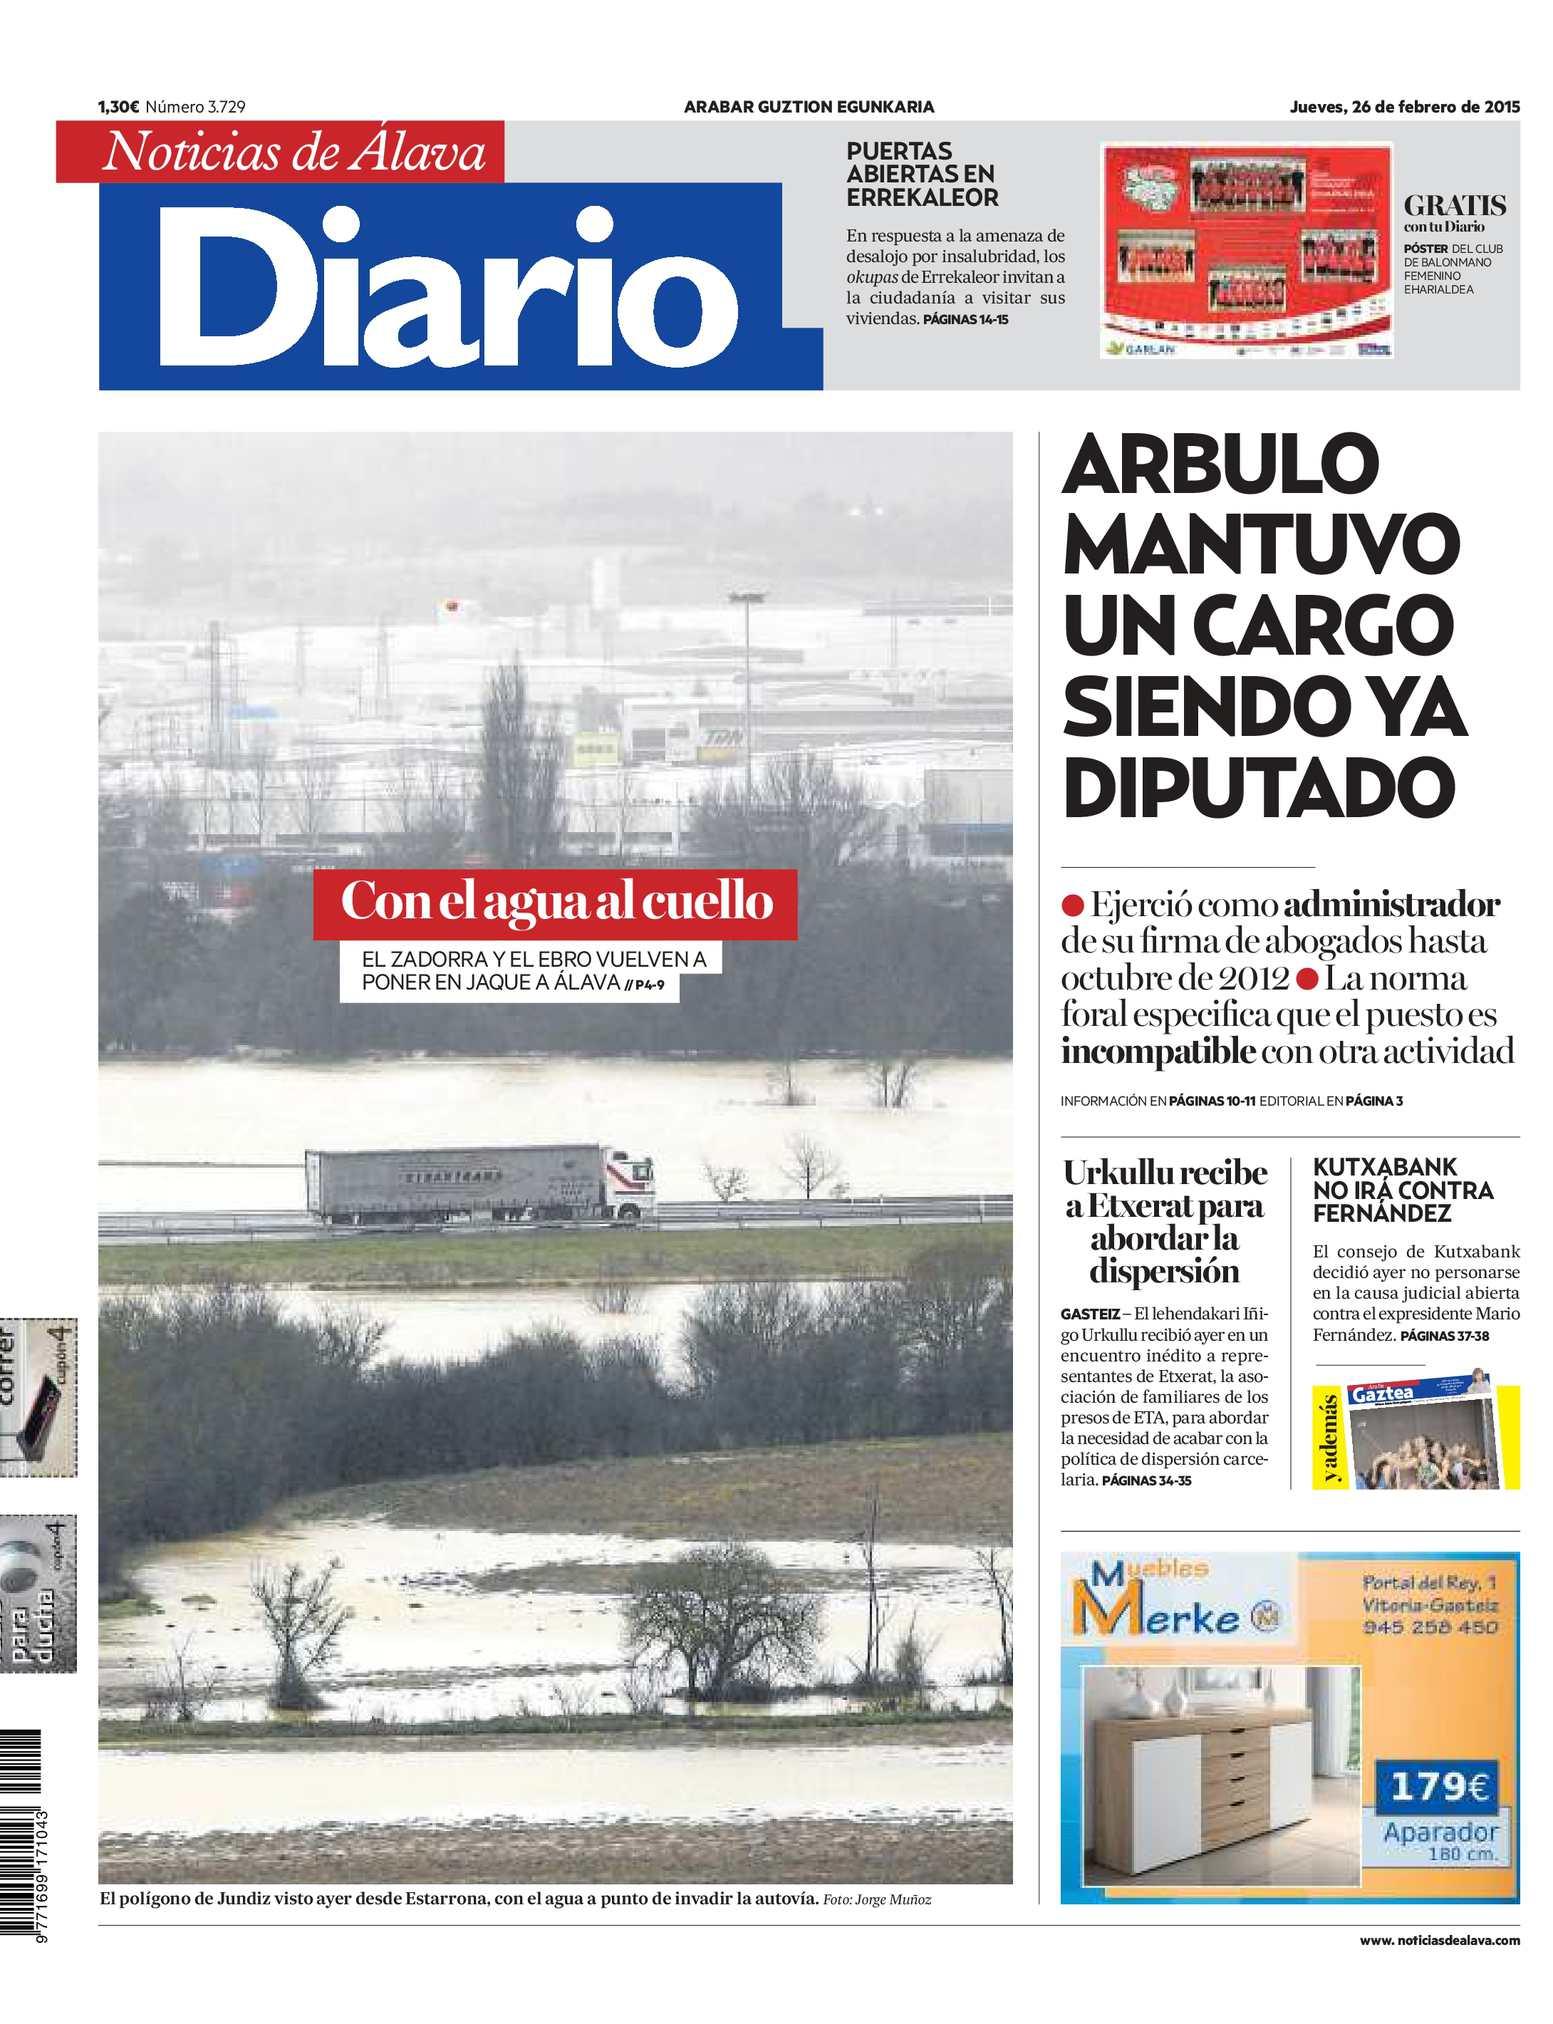 Calaméo - Diario de Noticias de Álava 20150226